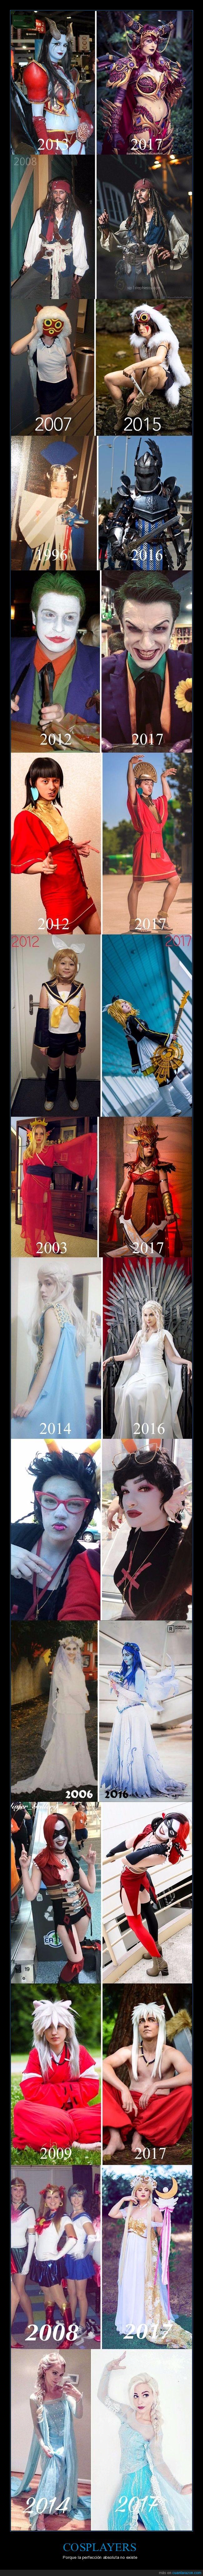 años,cosplay,perfeccionar